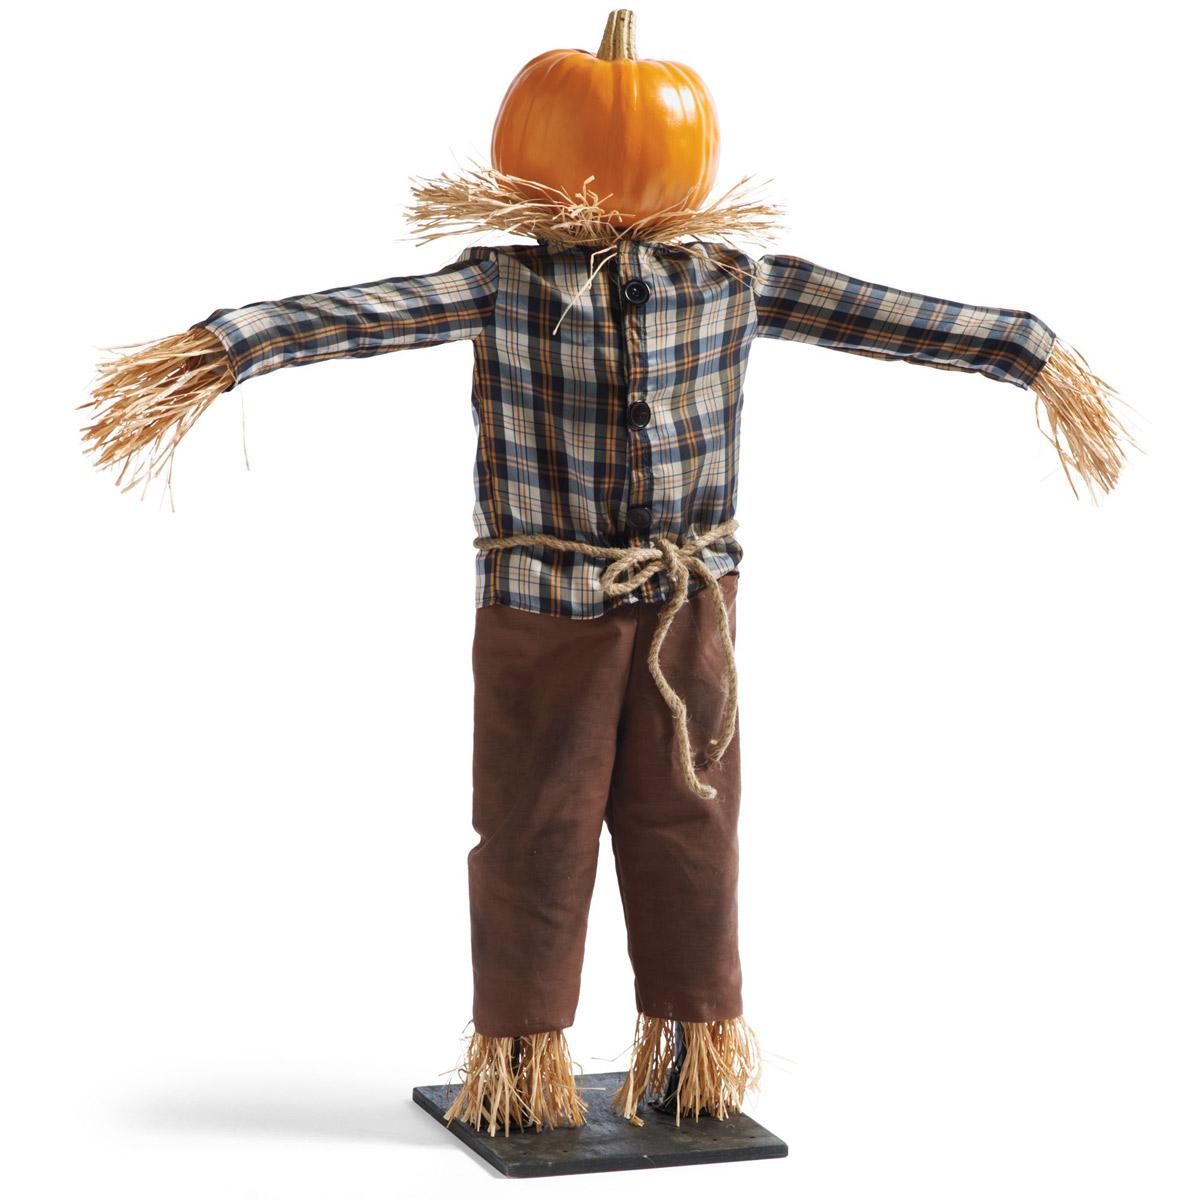 Scarecrow HD wallpapers, Desktop wallpaper - most viewed